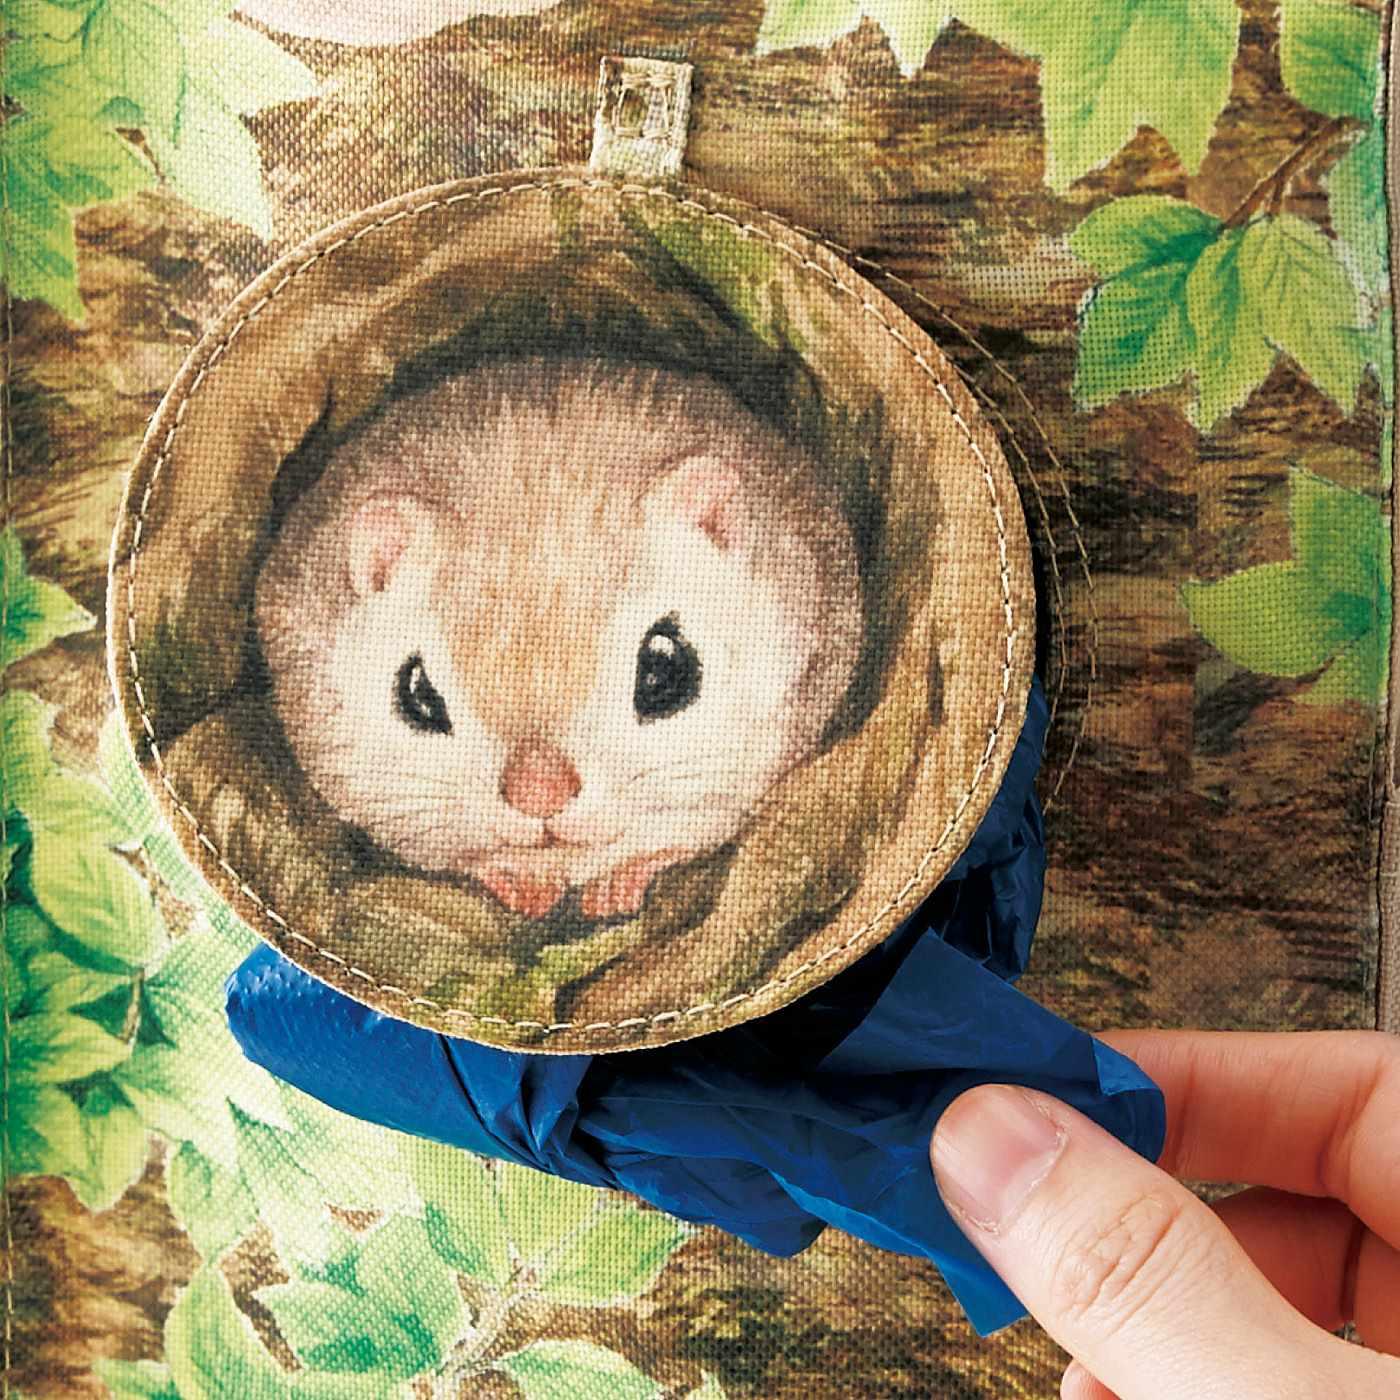 ストックしたレジ袋の取り出しは巣穴から!